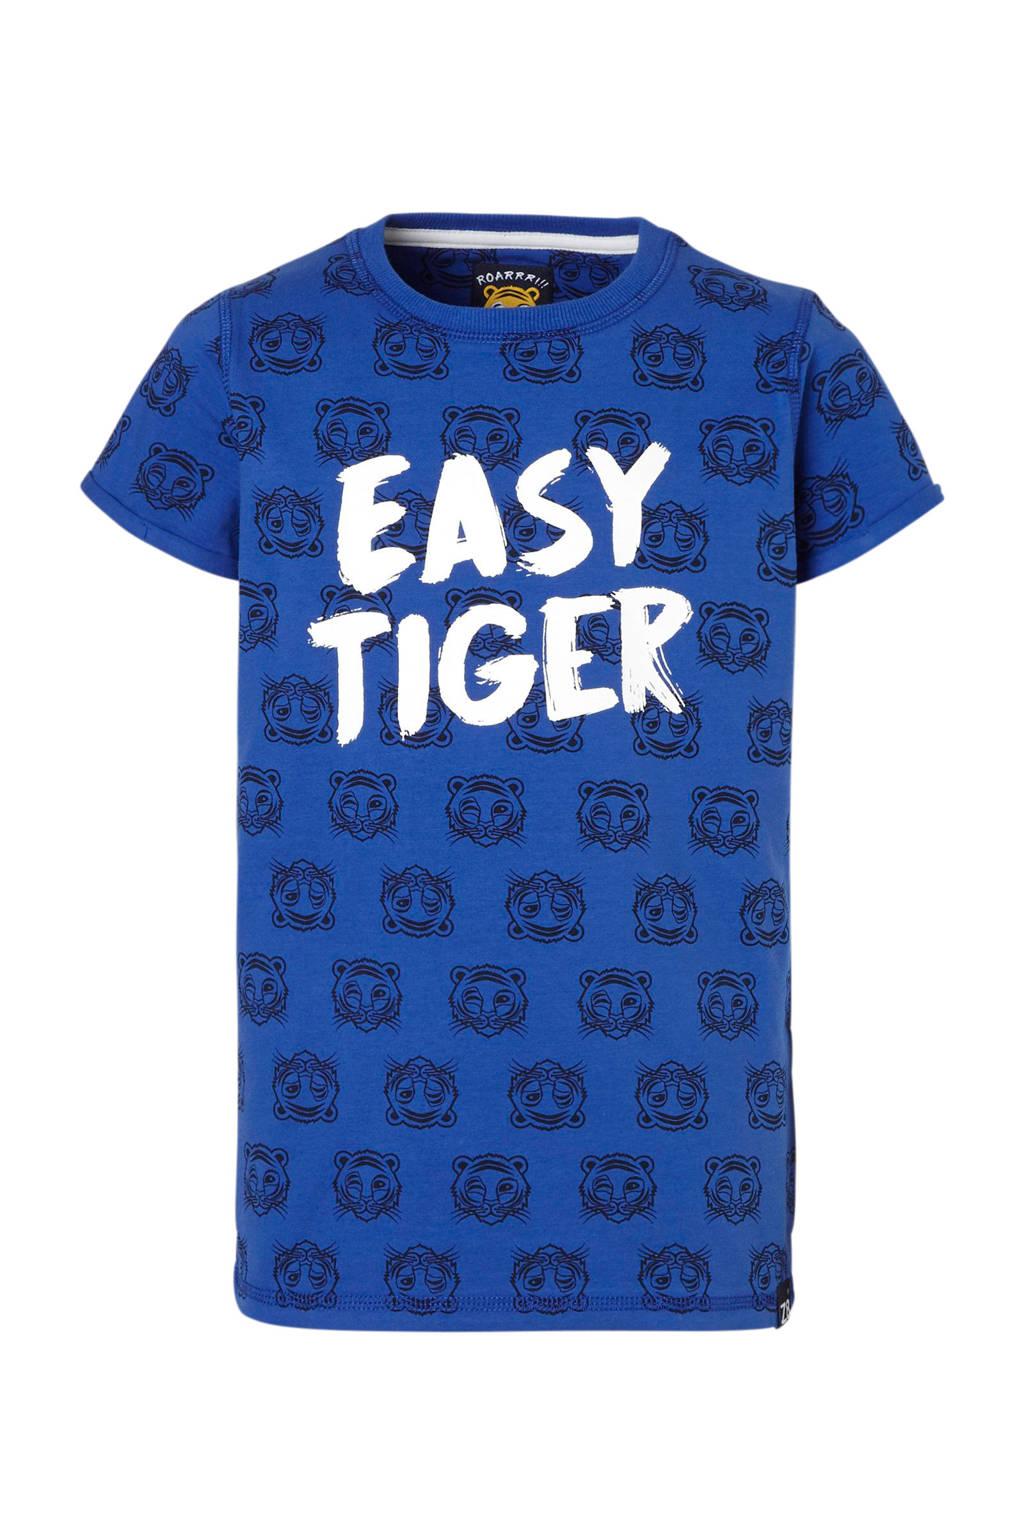 Z8 T-shirt Lucas met tijgers en tekst blauw, Blauw/donkerblauw